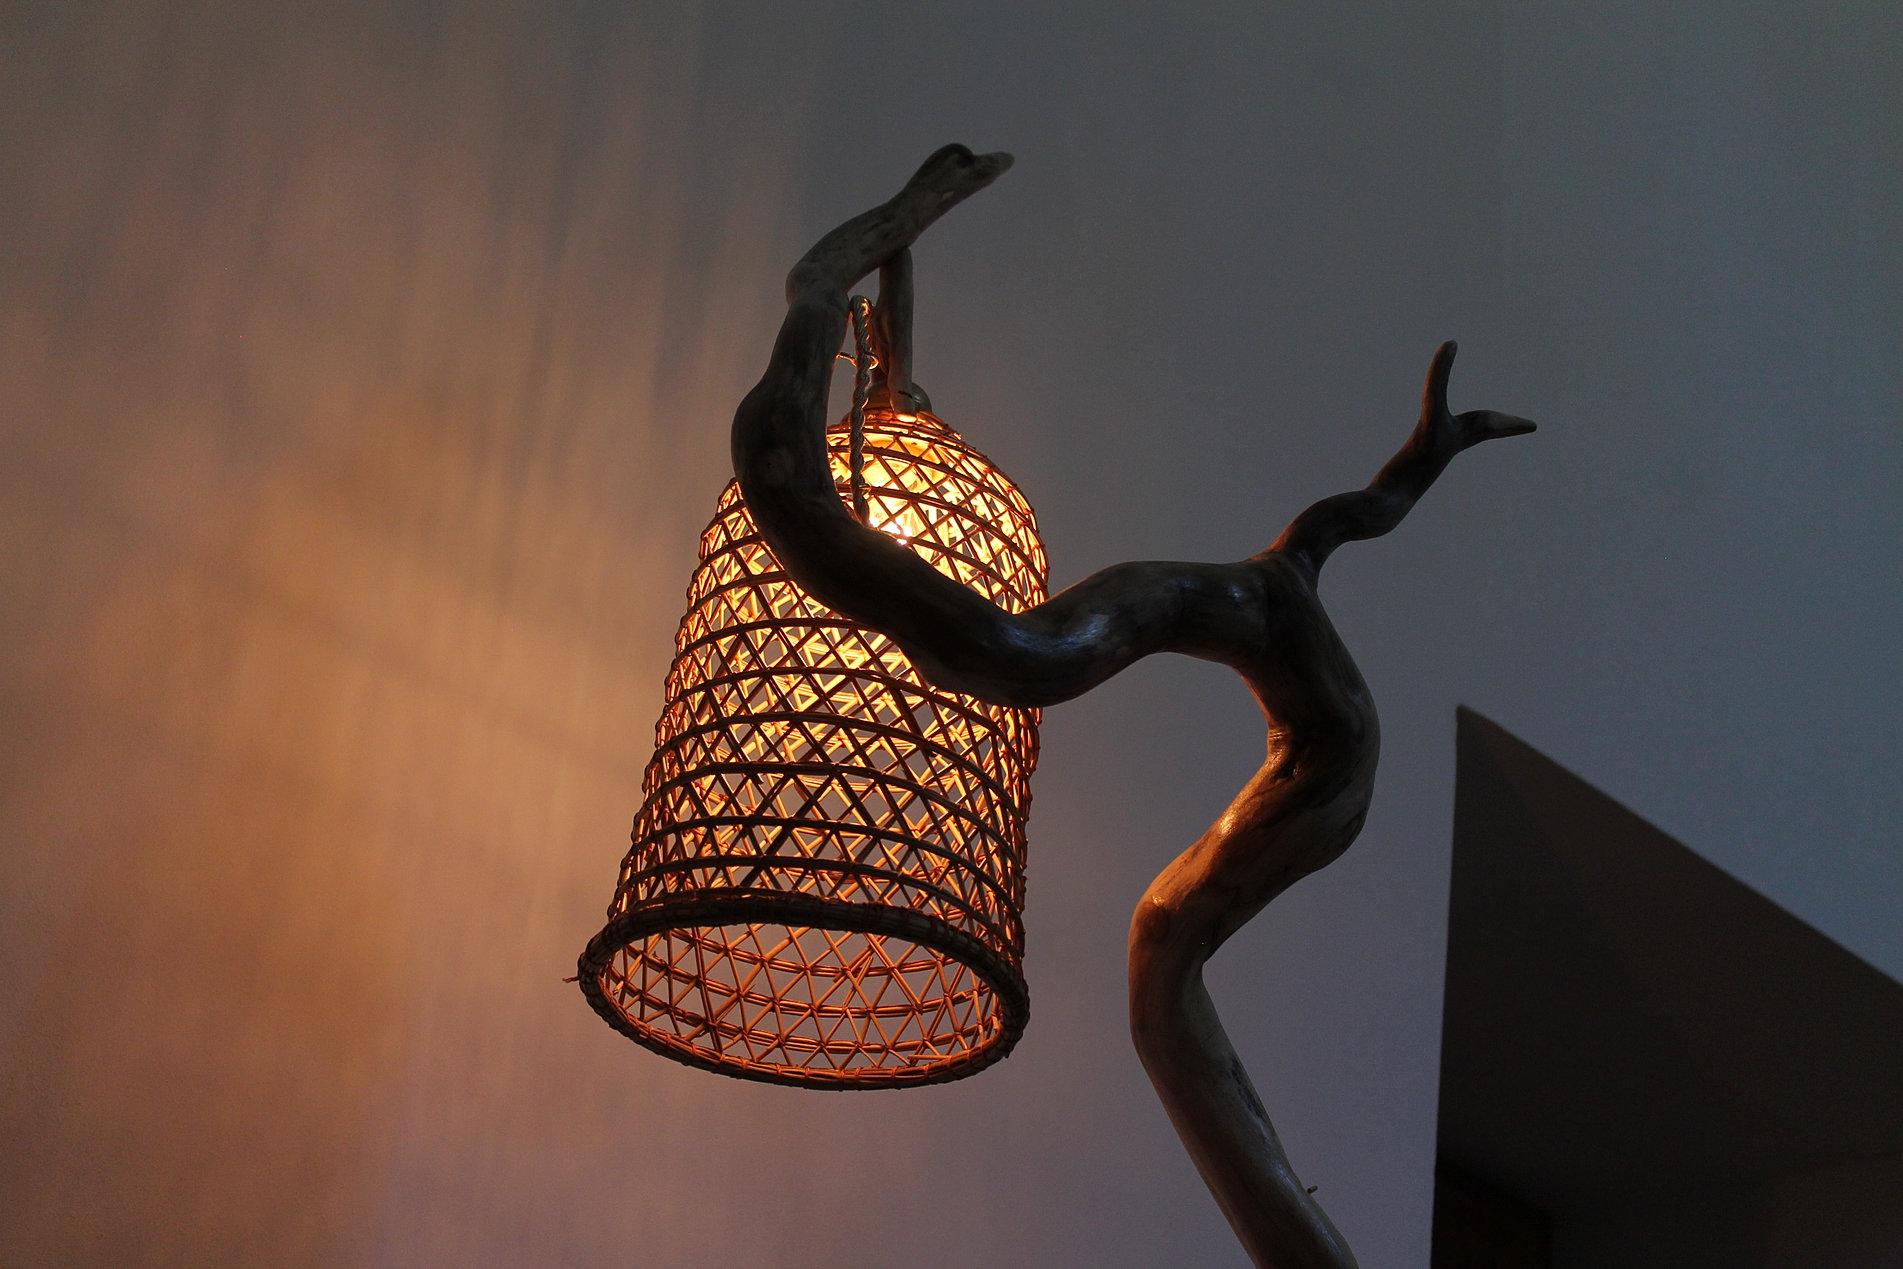 Lampade In Legno Di Mare : Lampada con legni del mare opera d arte di pino quercia